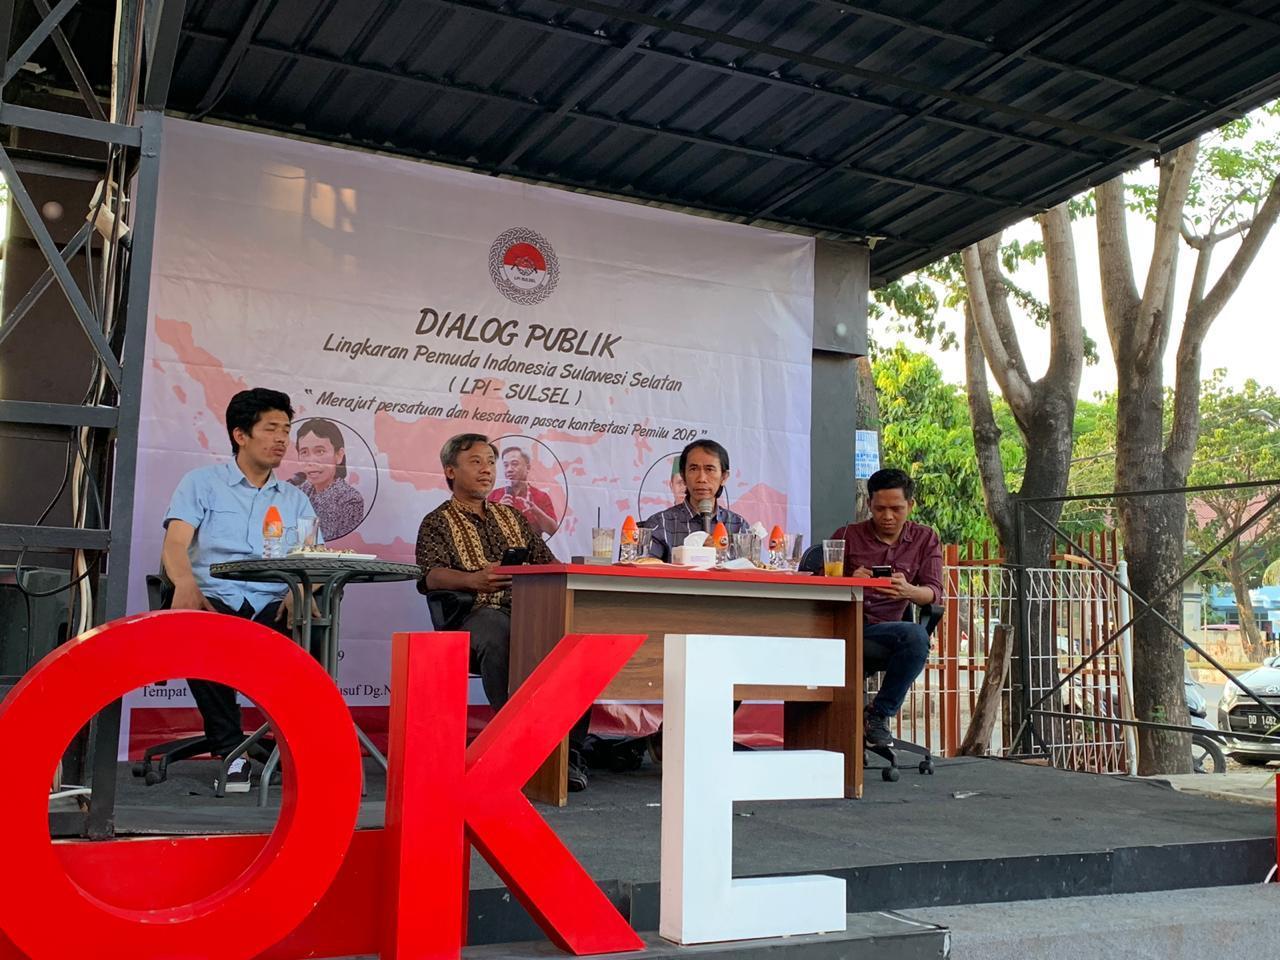 Kawal Pemerintahan Kabinet Indonesia Maju LPI Sulsel Gelar Dialog Publik